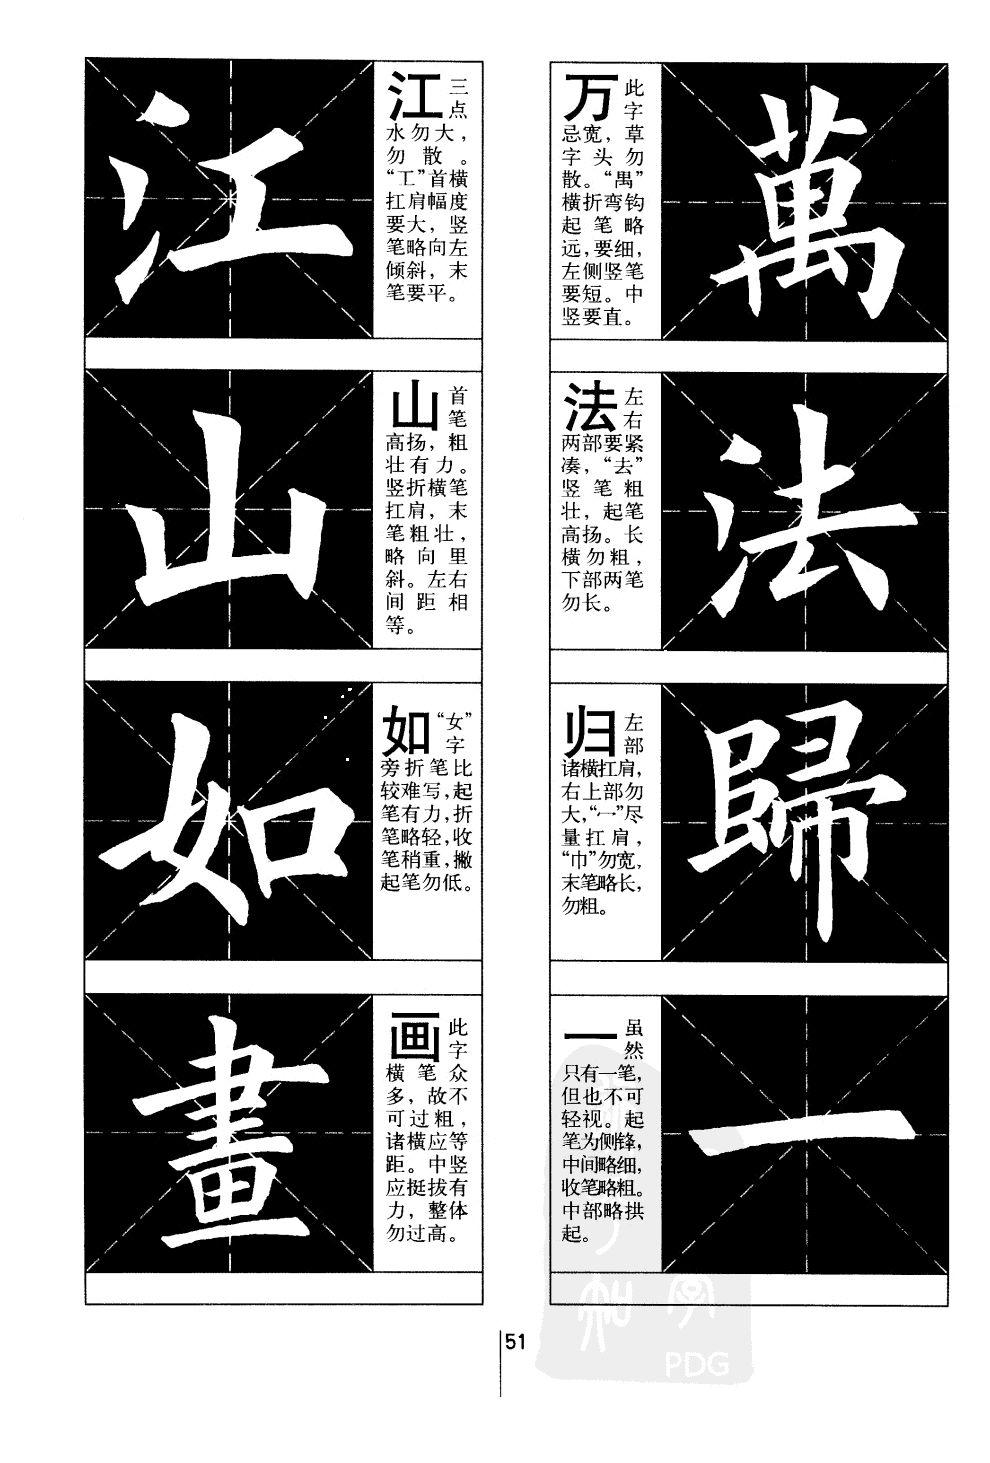 欧体字帖笔画结构分析,欧体楷书书法欣赏